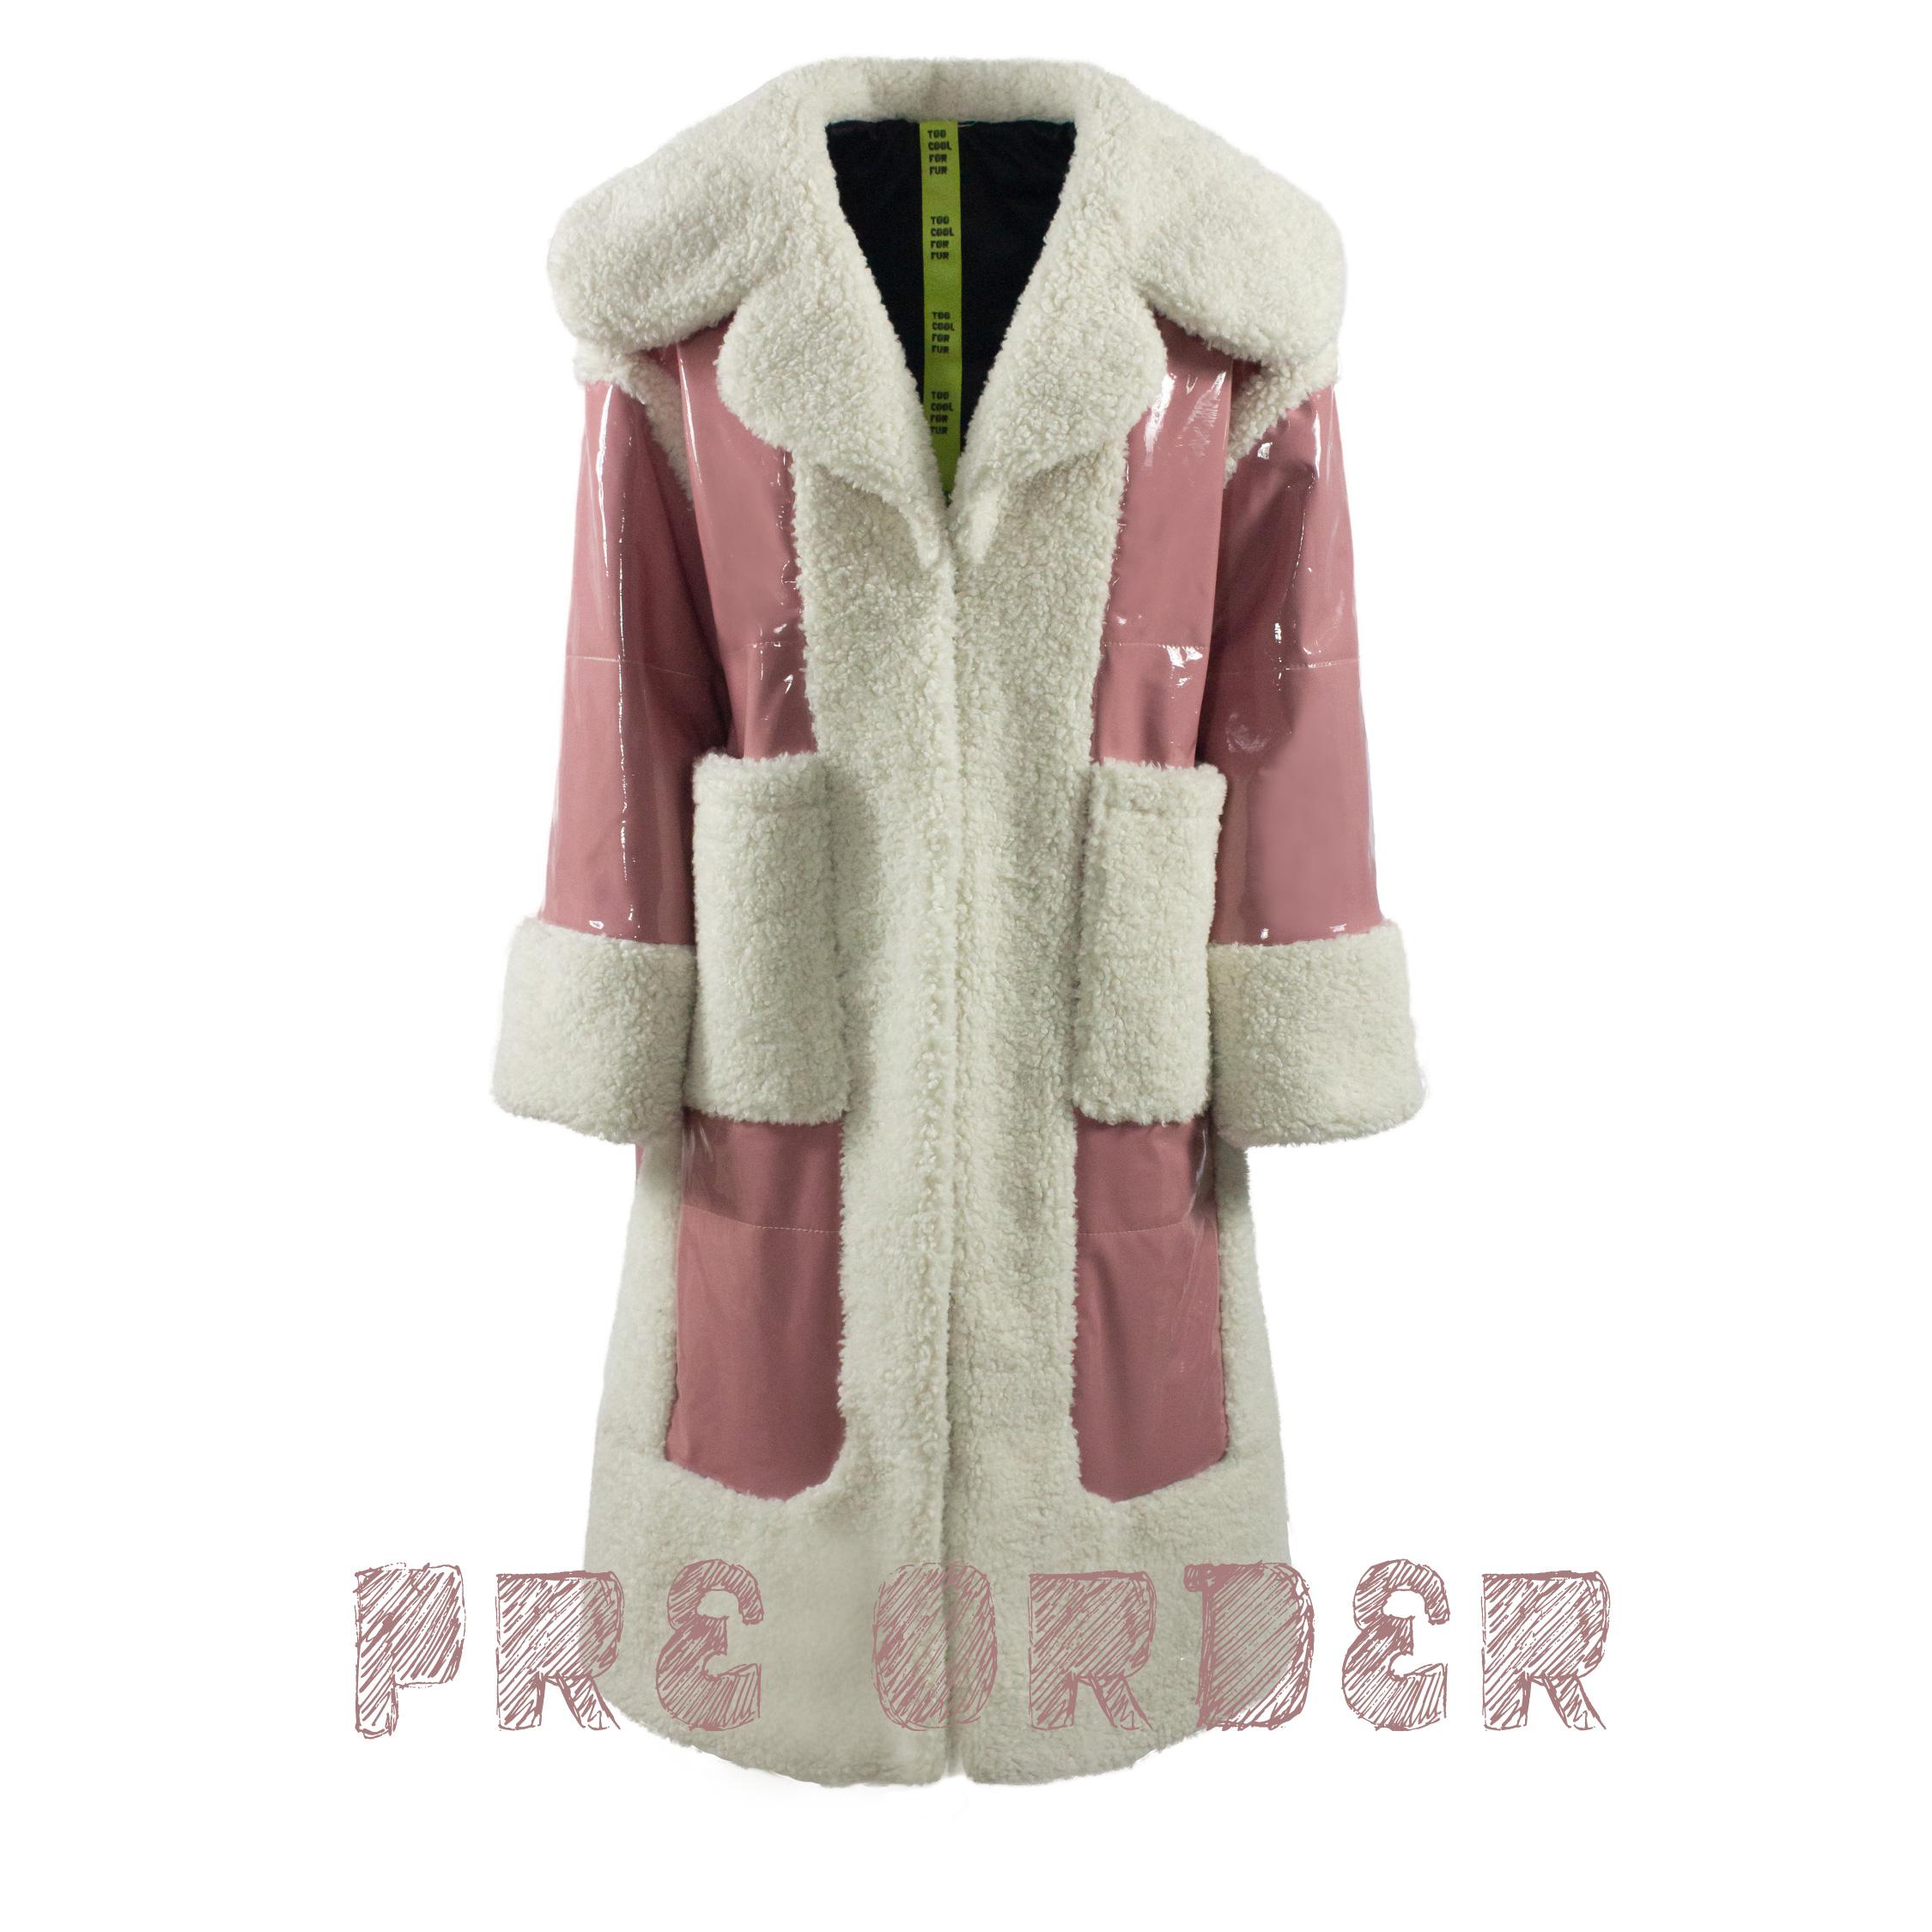 LUCREZIA 21|22 - L - Too Cool For Fur - Modalova